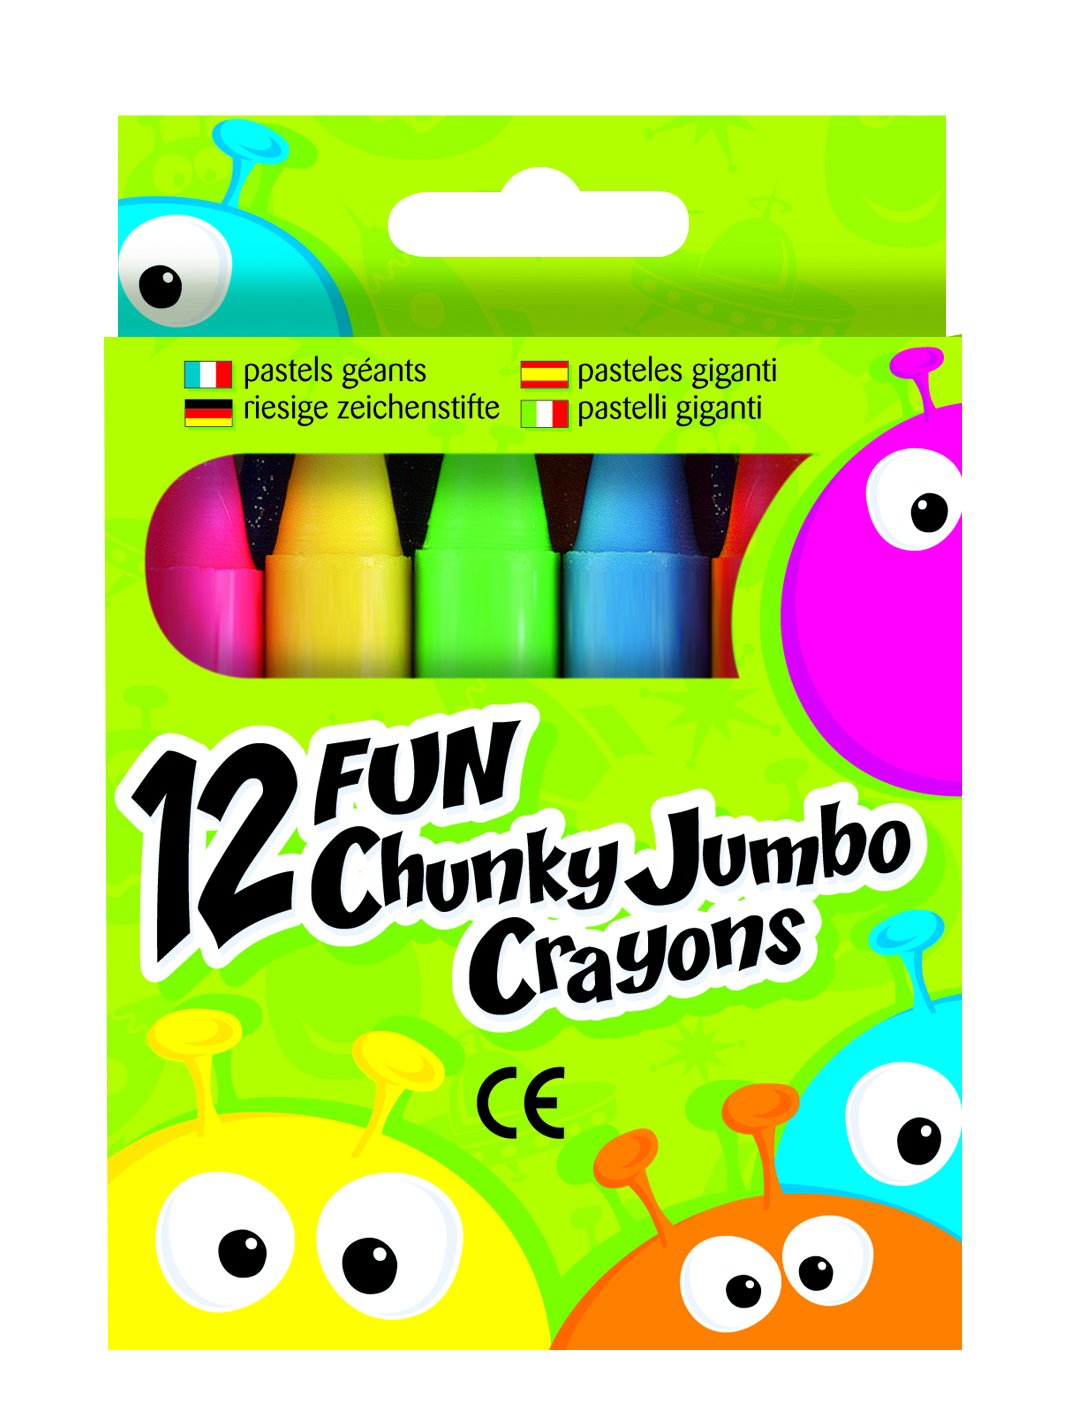 Fun Chunky Pastelli Jumbo (Confezione da 12) Premier Plus GPP006